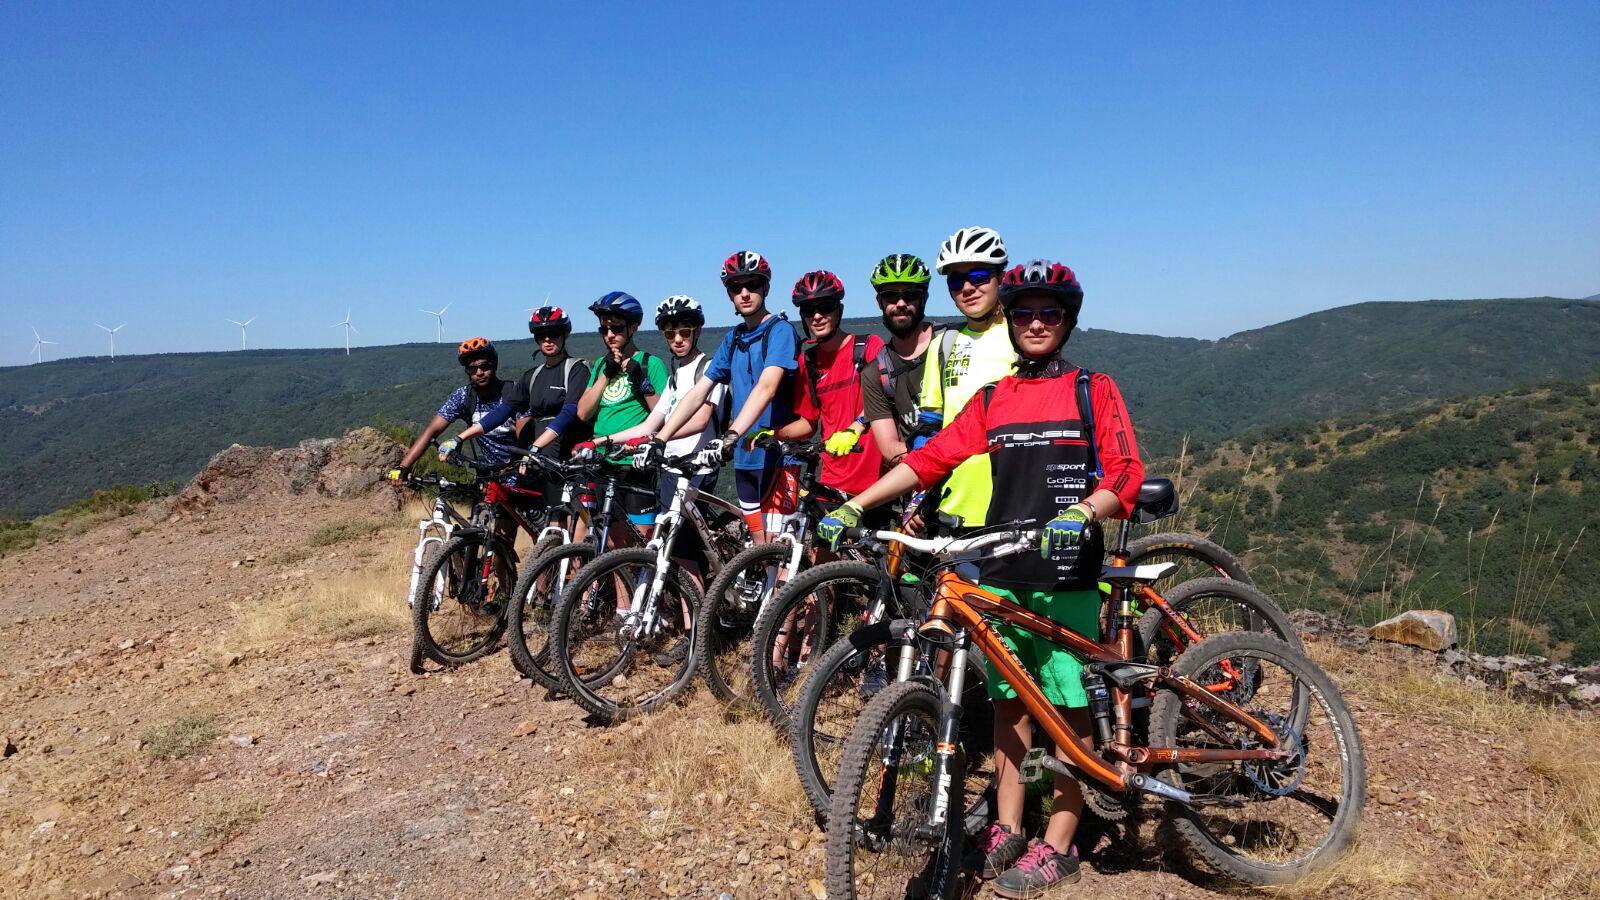 actividades en la montaña para niños